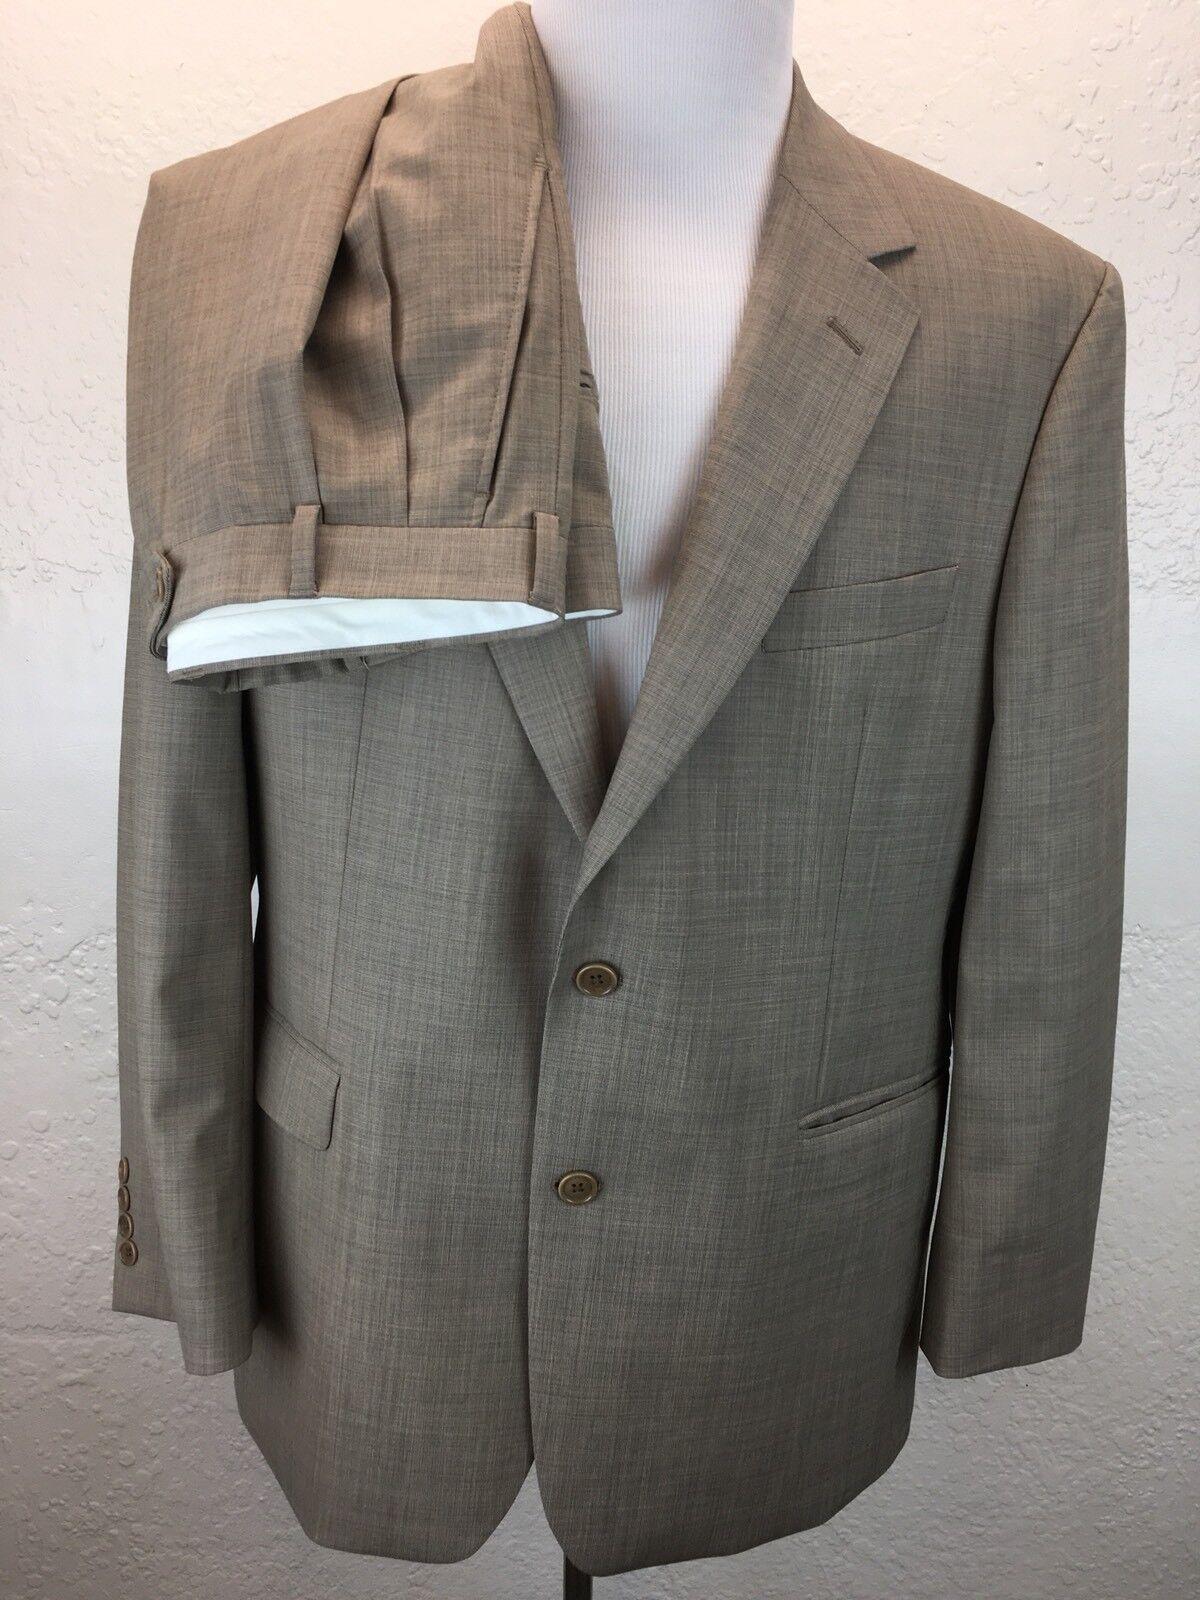 S6 Brooks Bredhers 346 44R 37X28.5 96% Wool Stretch Tan 2Pc Suit 2-Btn Pleated